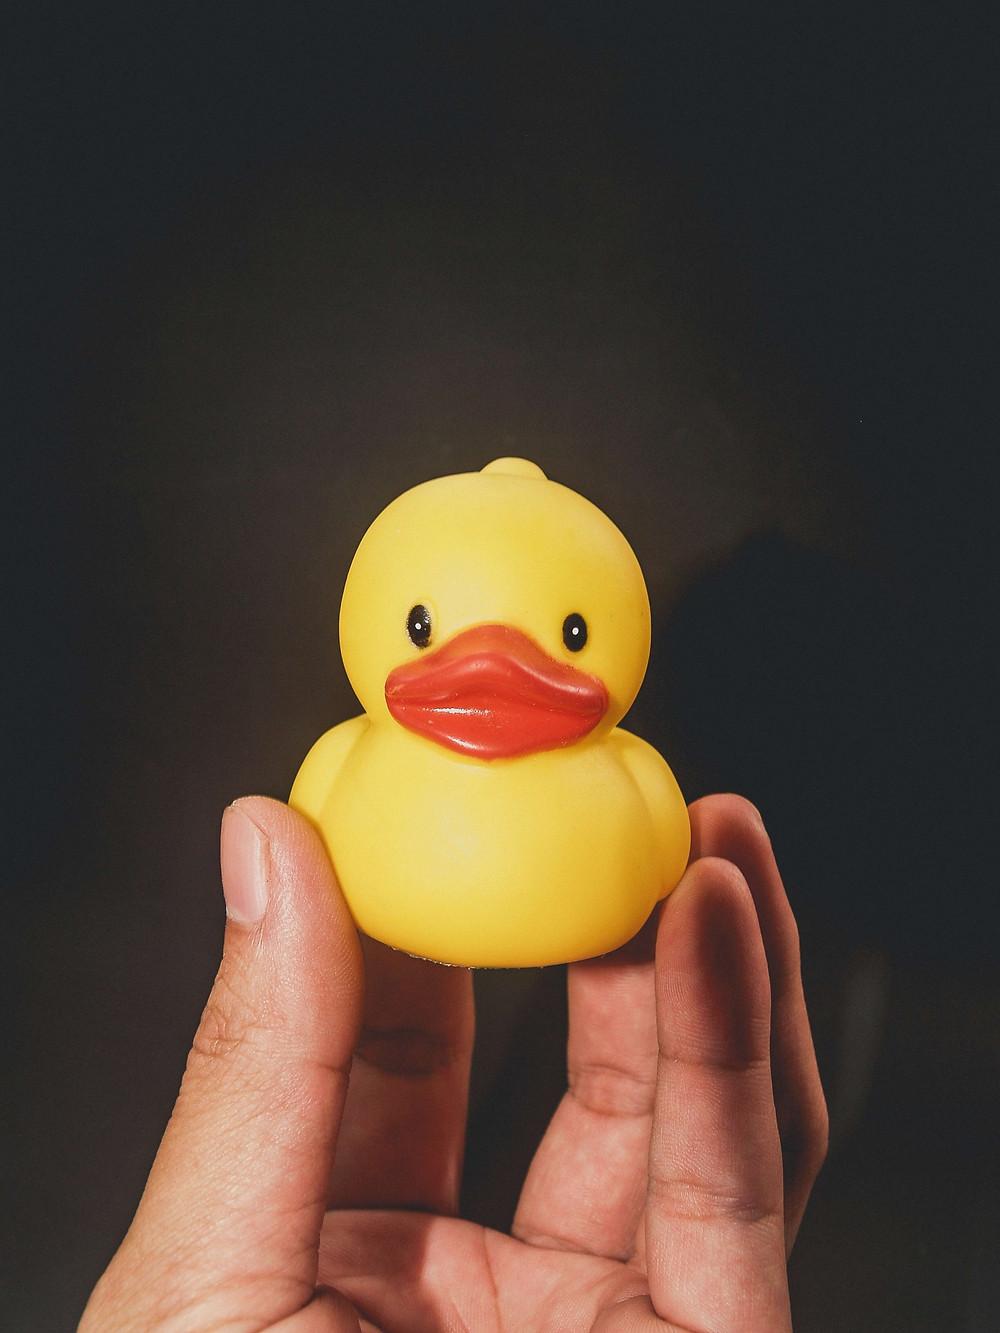 Uma mão segura um pato de plástico amarelo